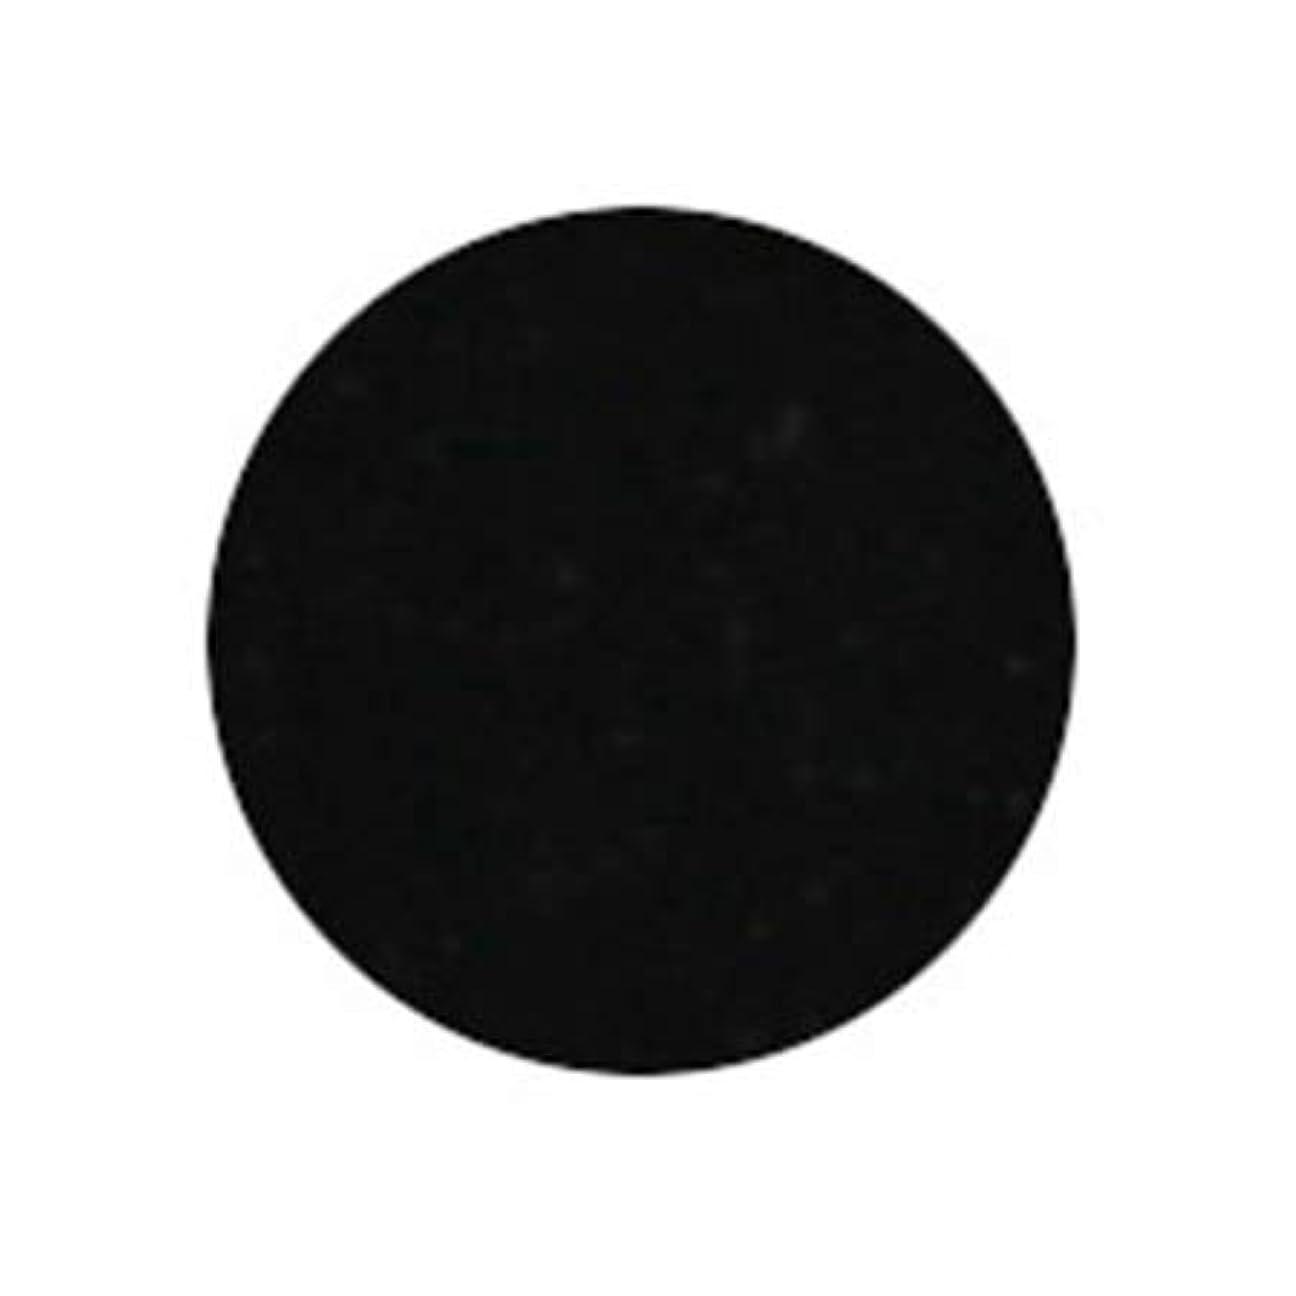 負担歩道キャンバスPutiel プティール カラージェル 501 ブラック 4g